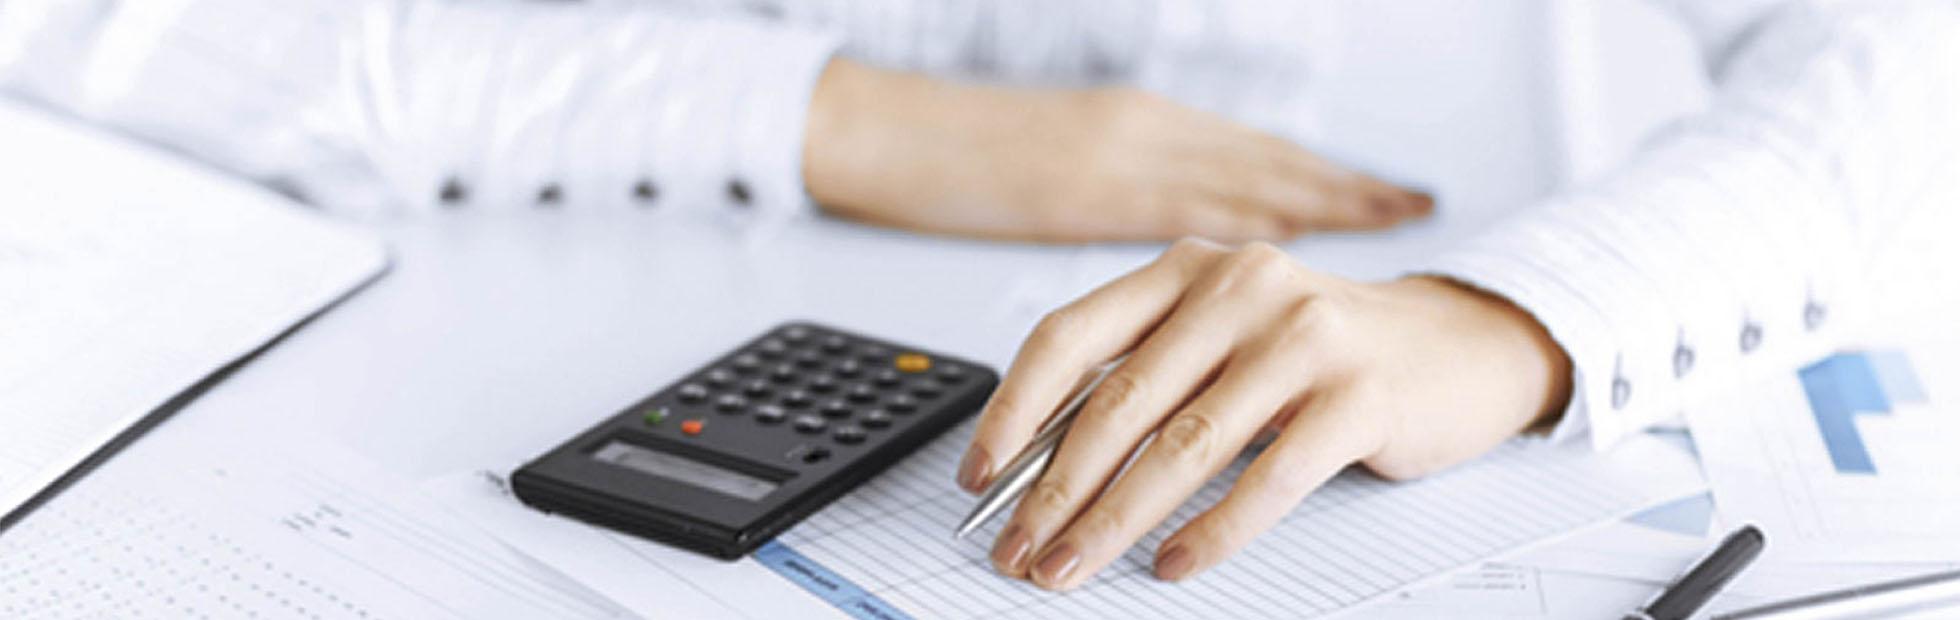 Impuestos-1960x620-2-01